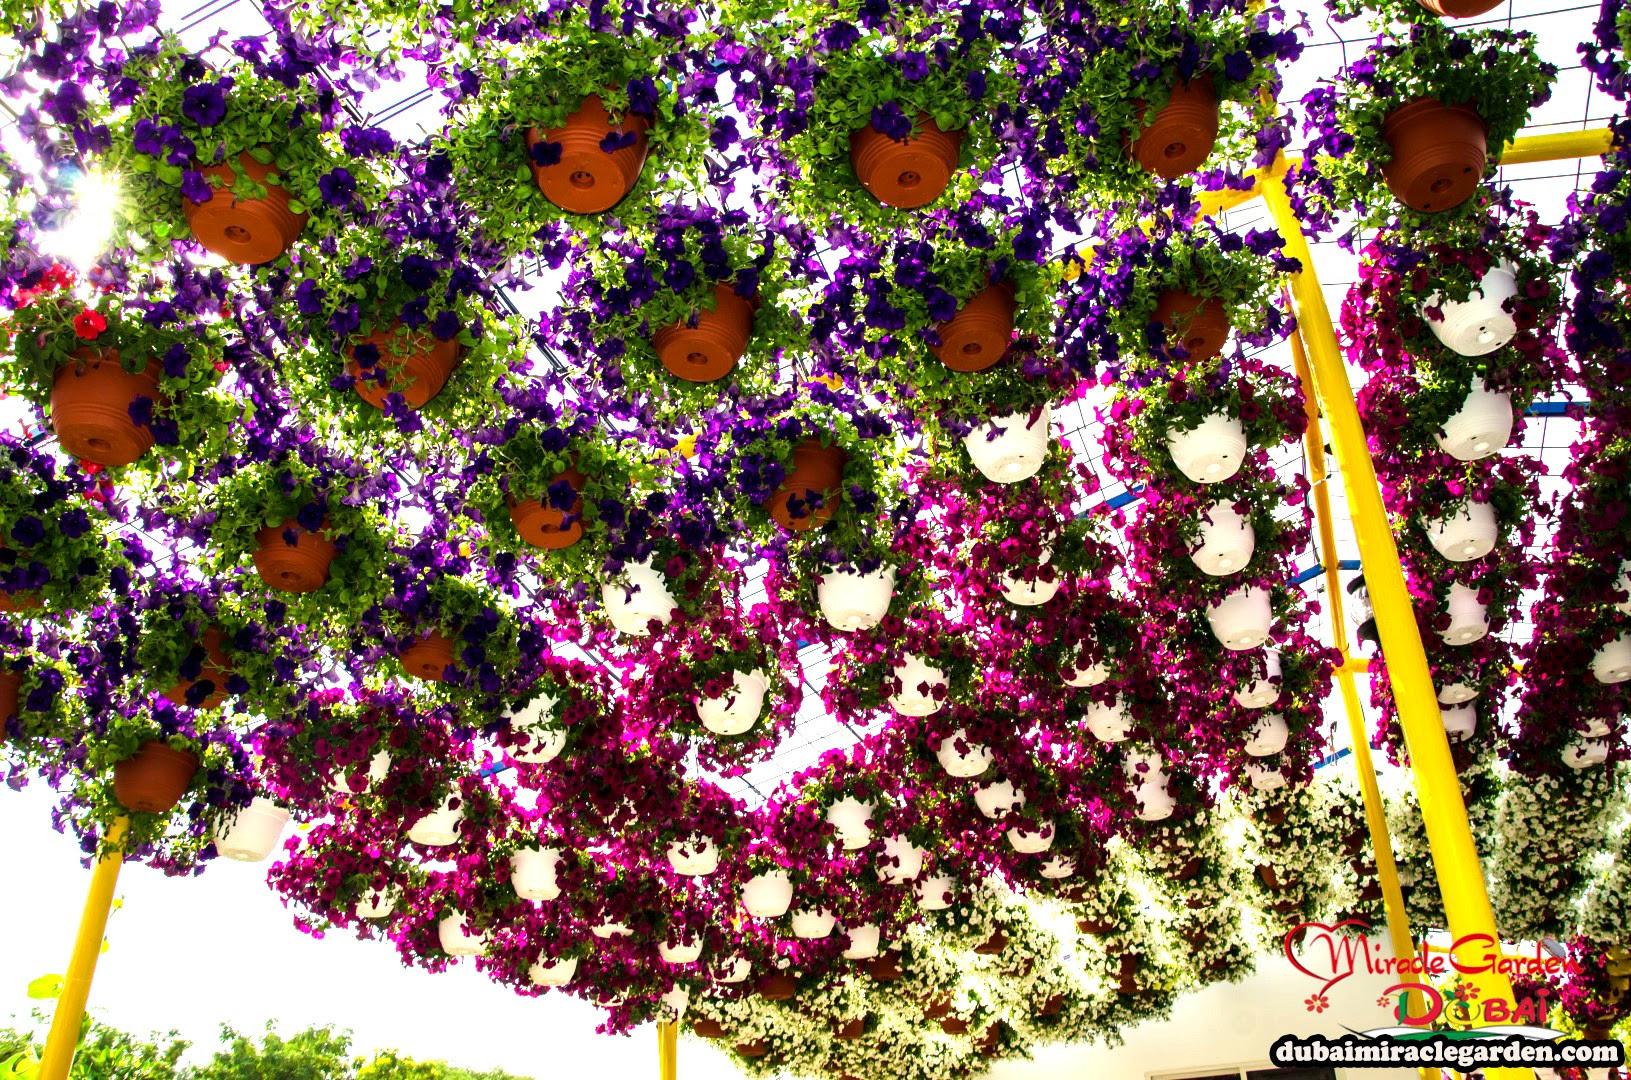 Dubai Miracle Garden 15